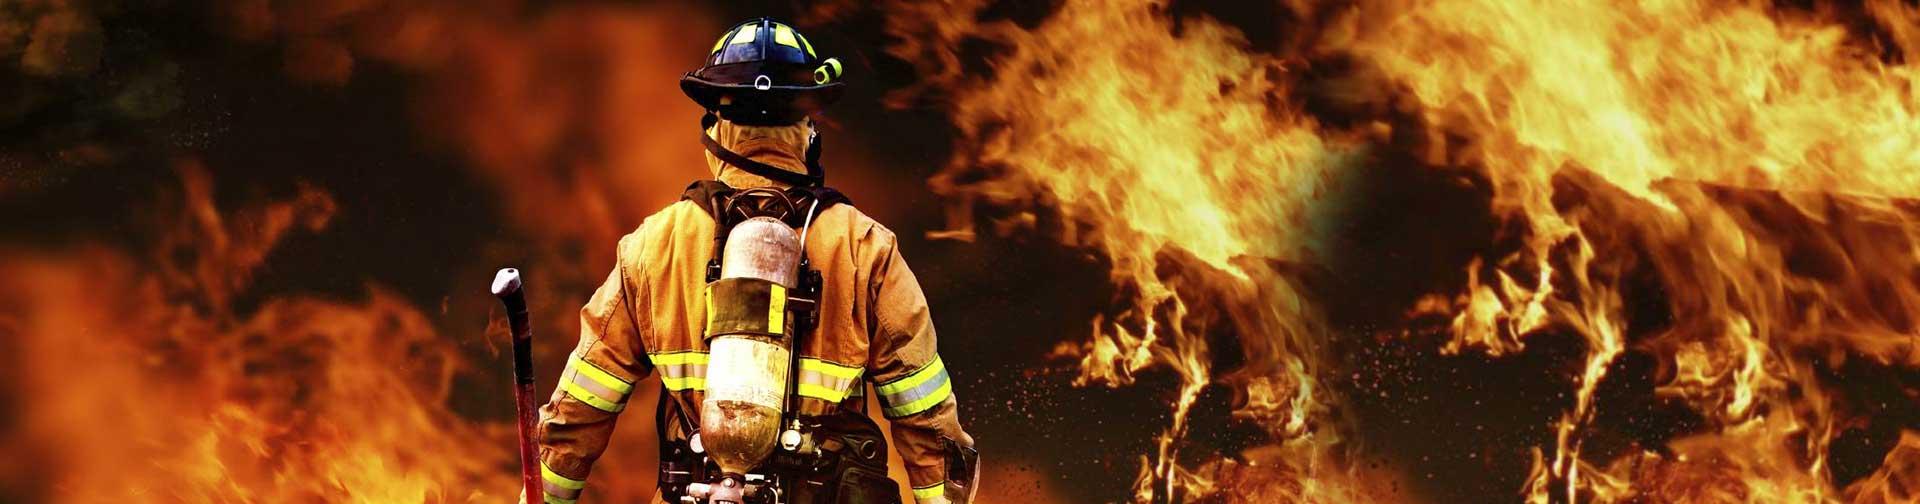 Linha de combate a incêndio Metalcasty